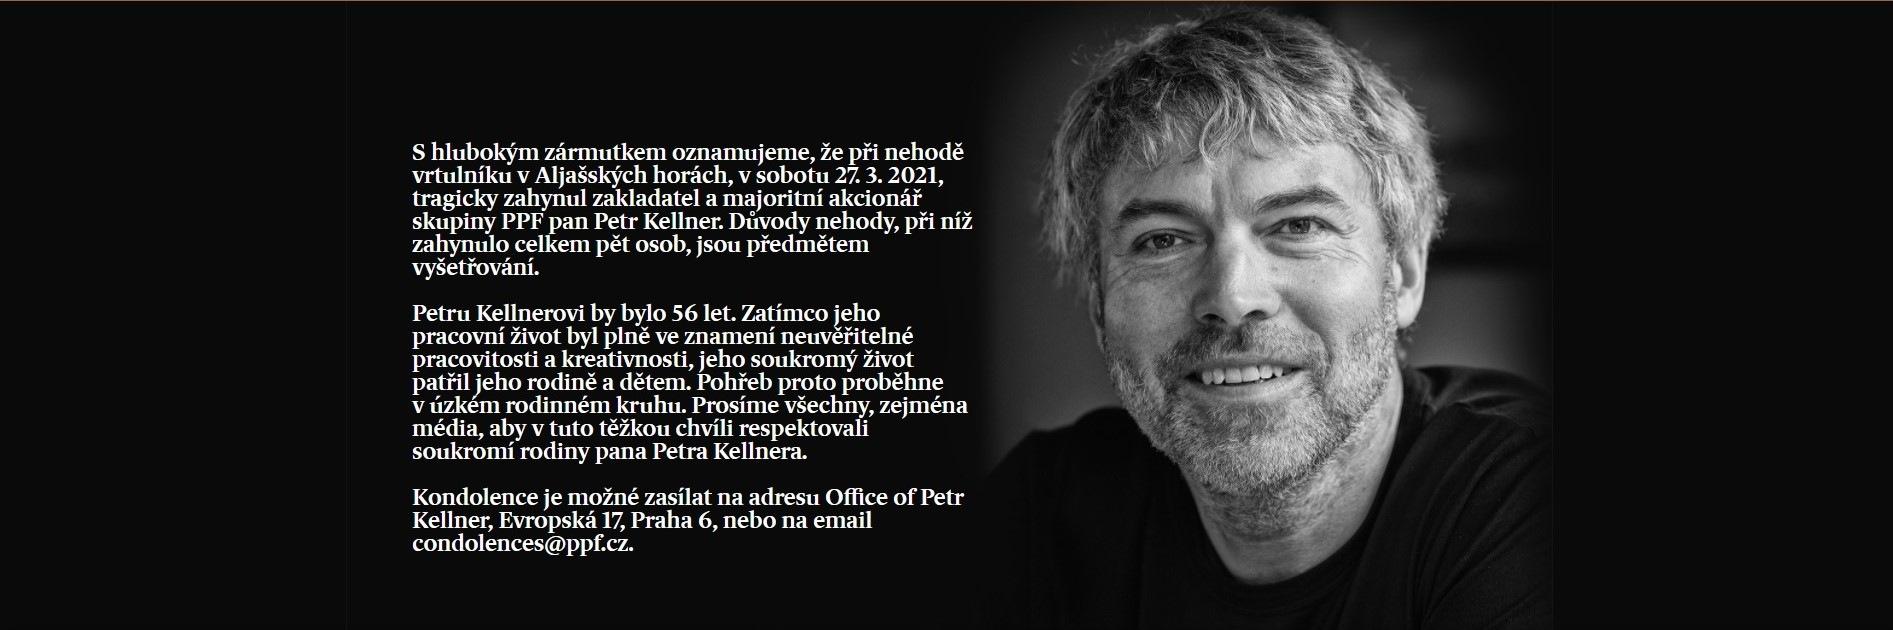 Petr Kellner kondolencia